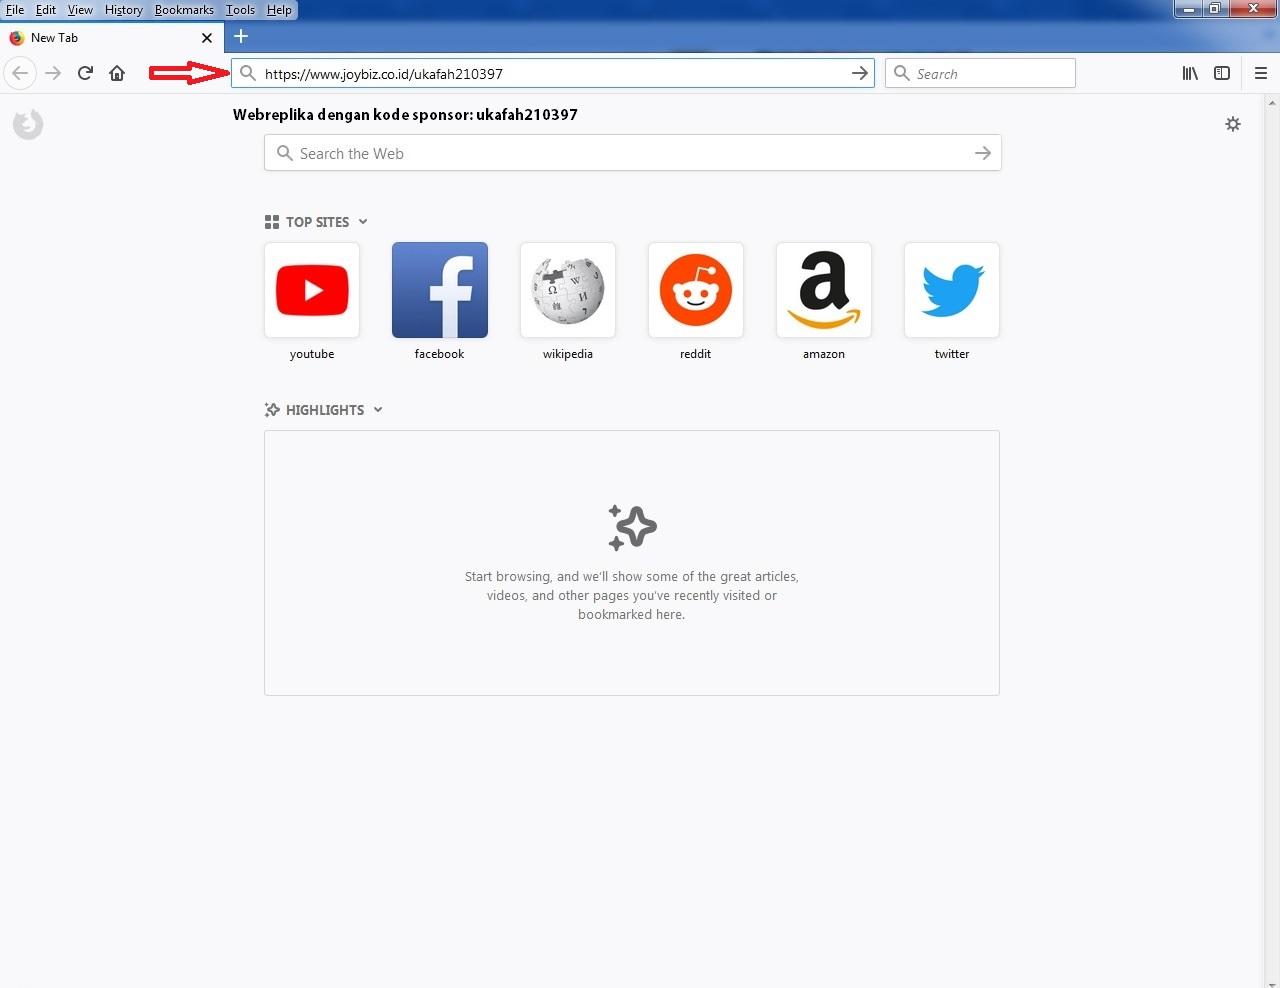 Webreplika joybiz kode sponsor ukafah210397